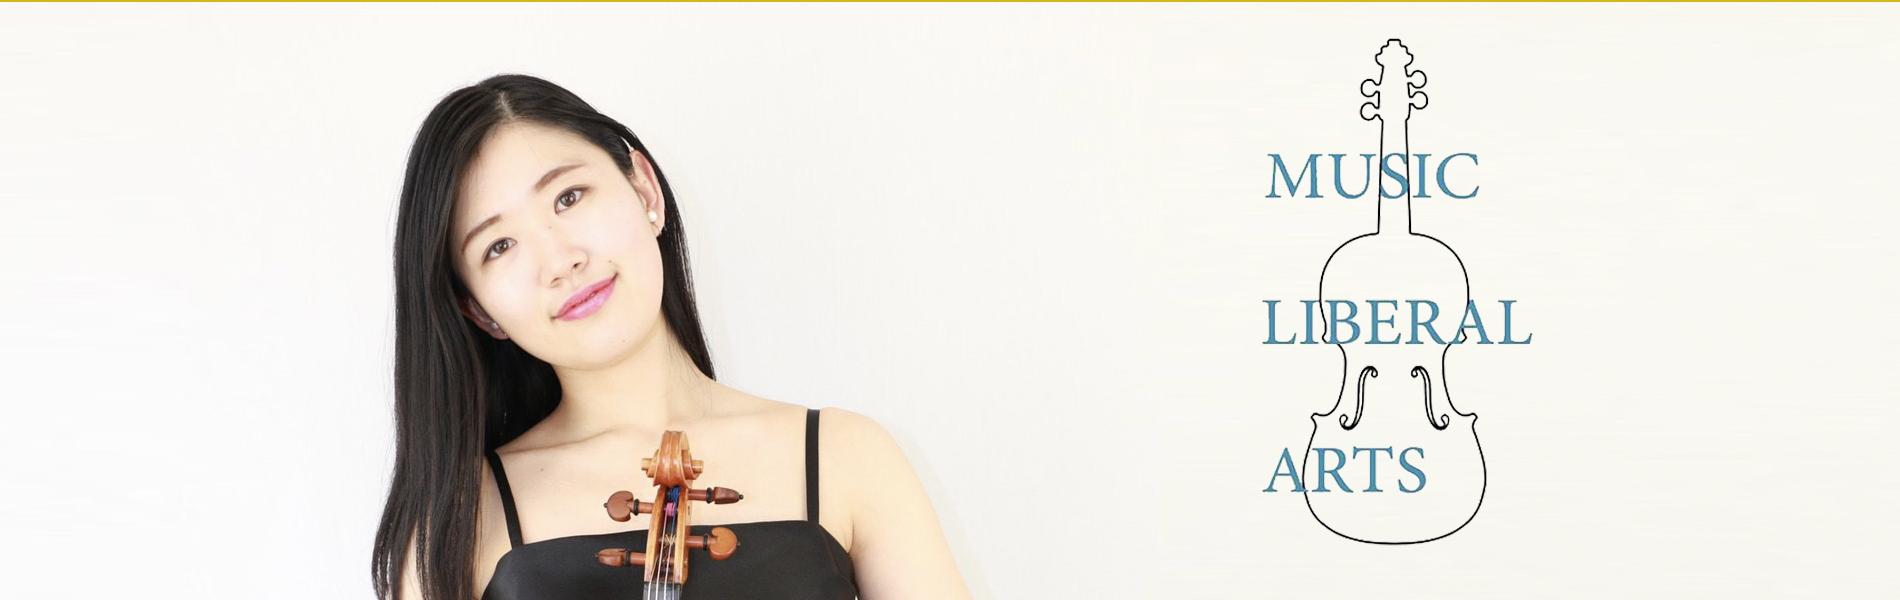 株式会社MUSIC LIBERAL ARTS